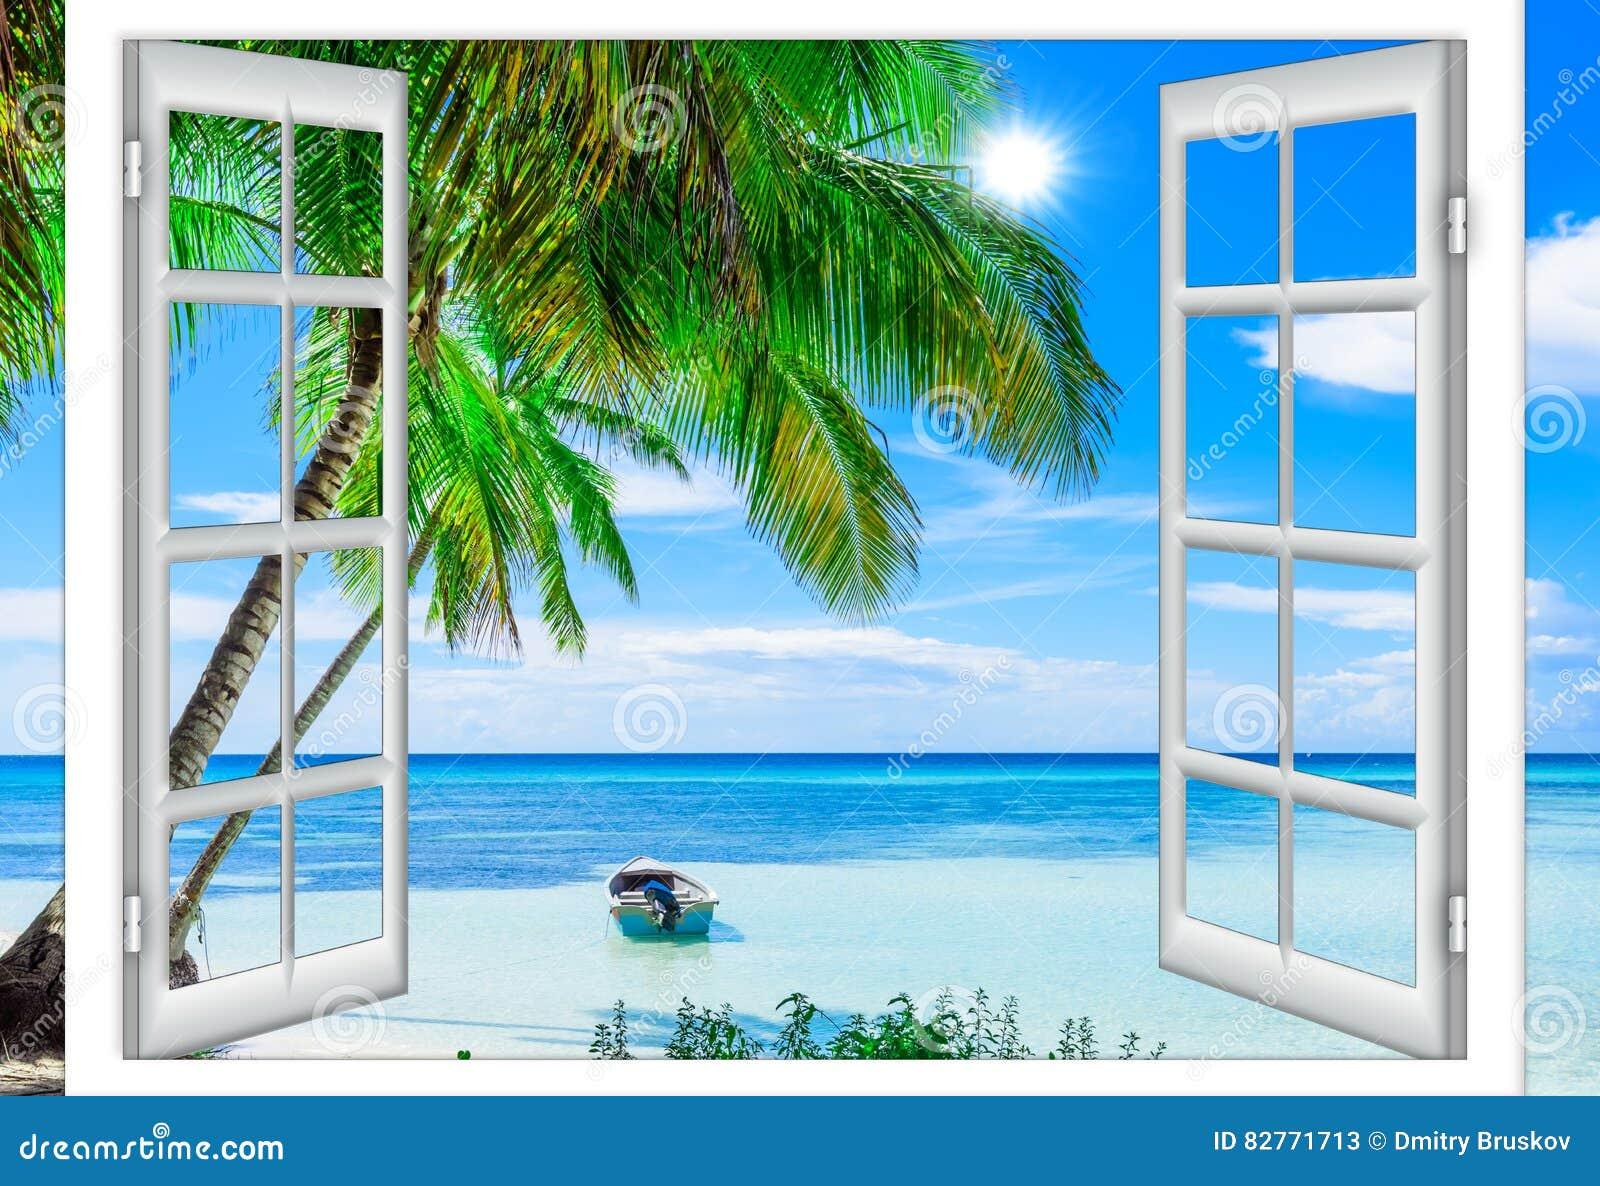 Finestra aperta al mare immagine stock immagine di for Disegno di finestra aperta